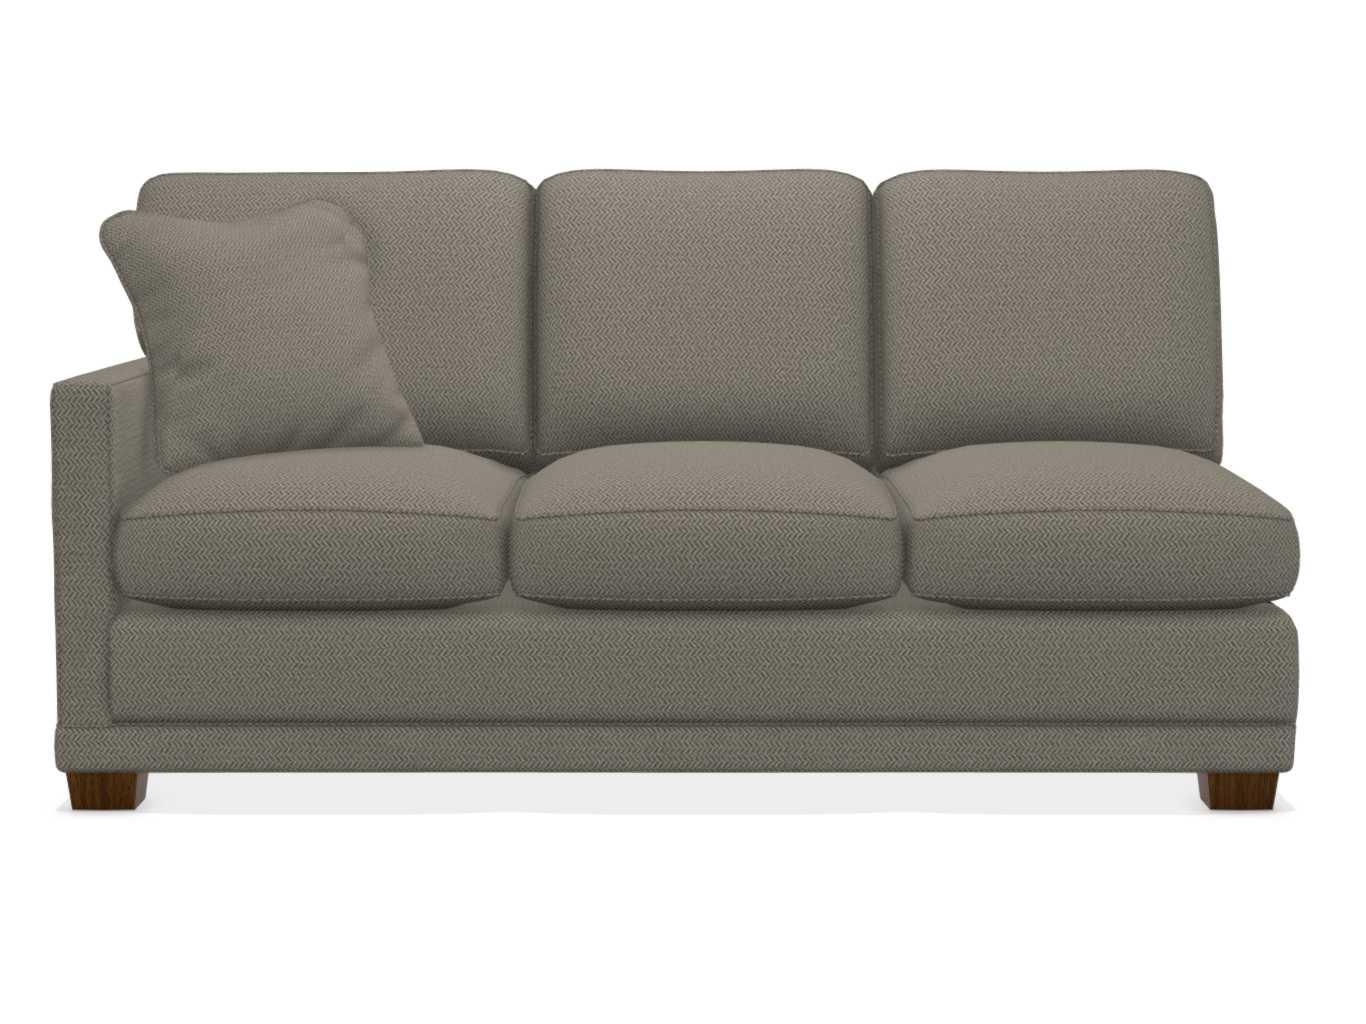 Kennedy Right-Arm Sitting Sofa